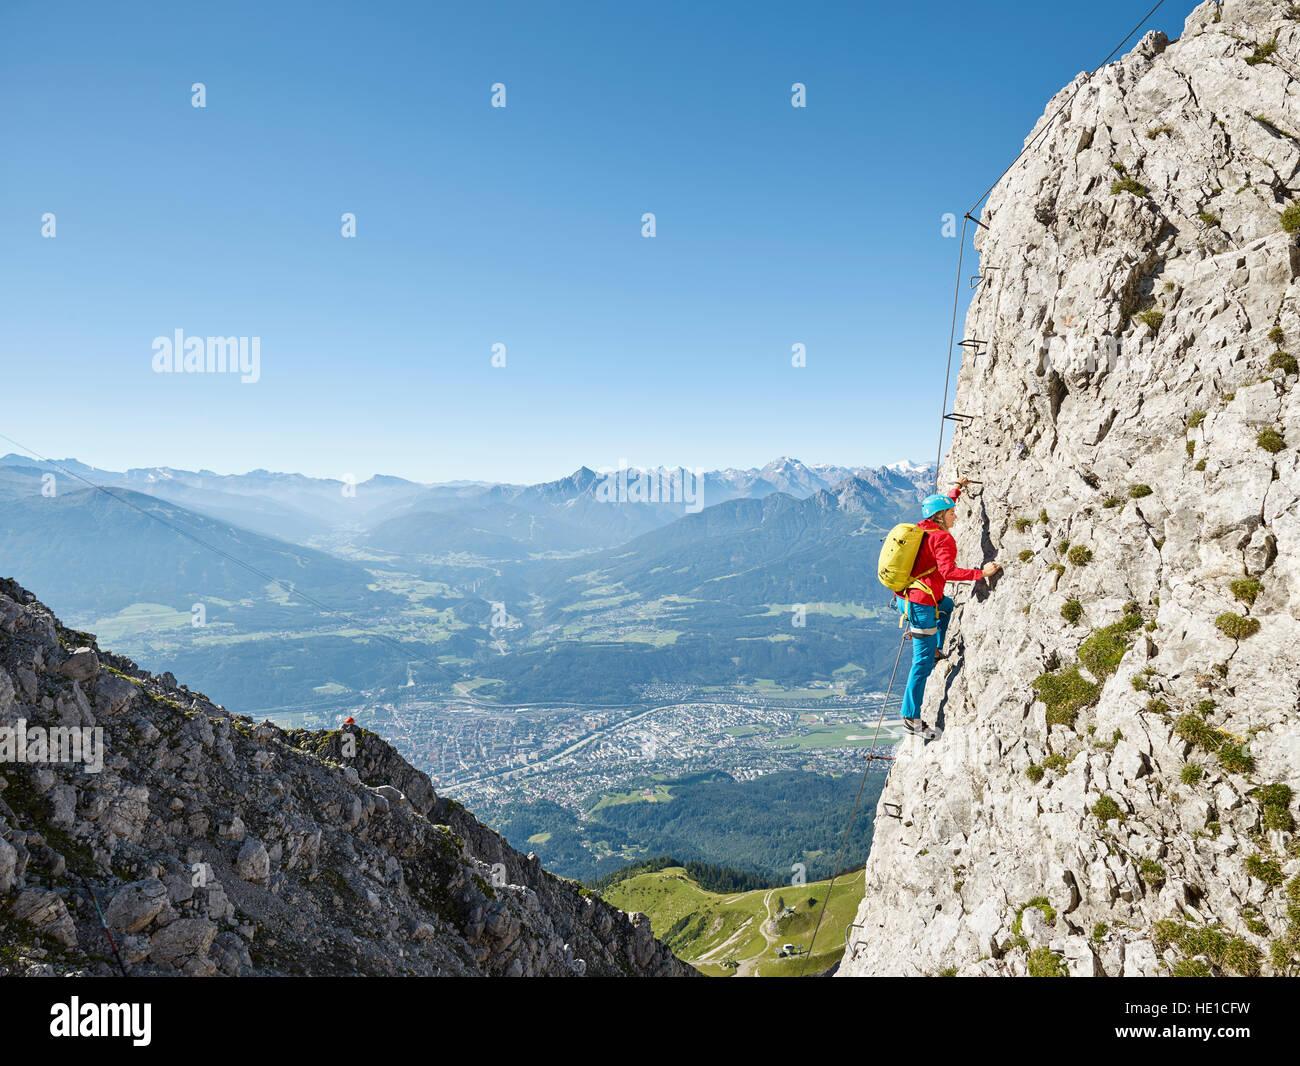 Klettersteig Innsbruck Nordkette : Nordkette klettersteig route kletterer an